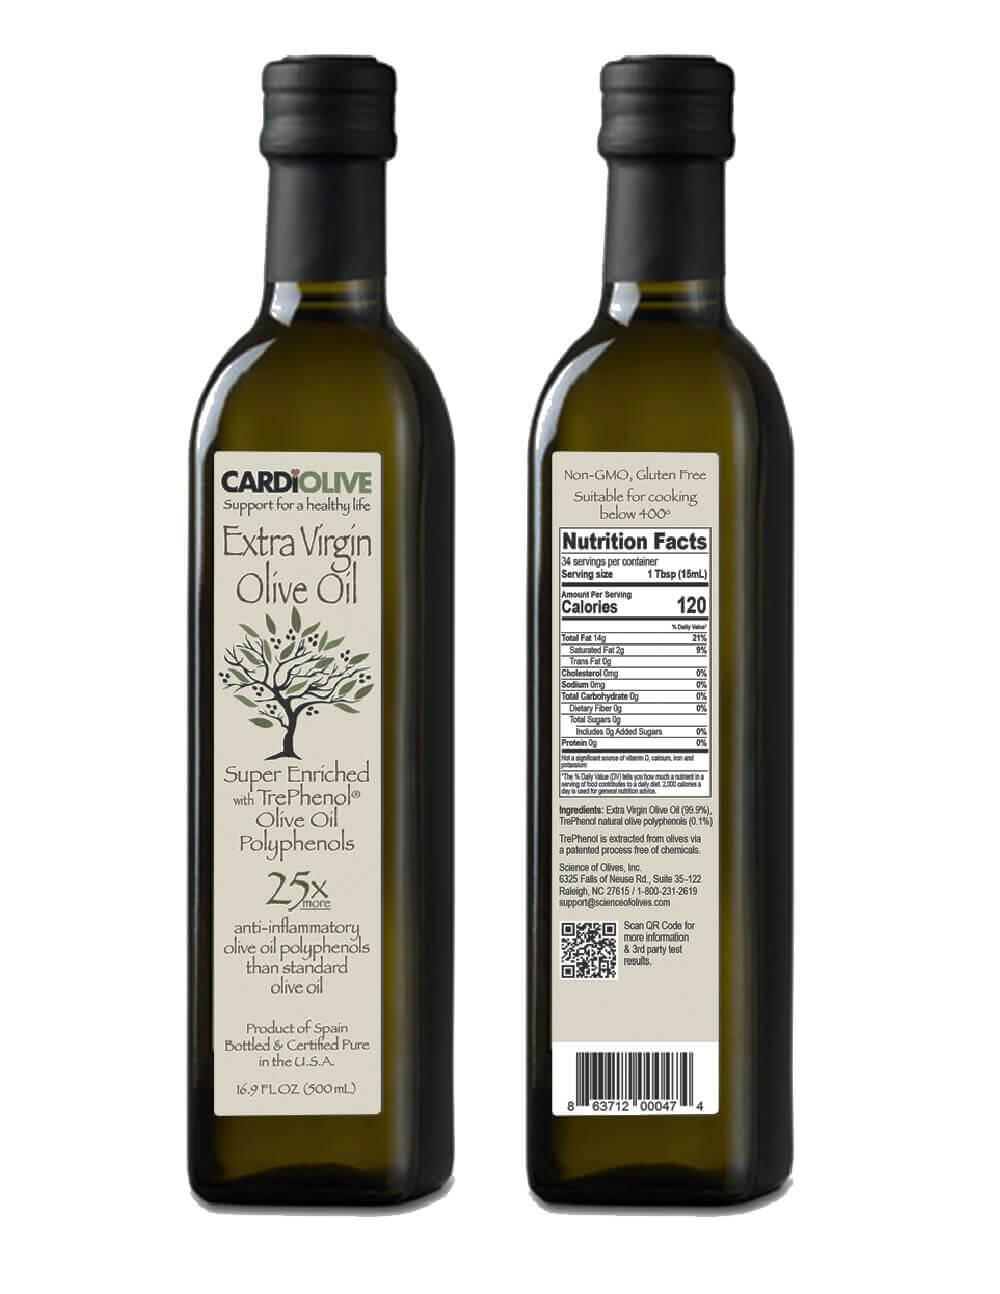 Olipura-cardiolive-25x-2-bottles